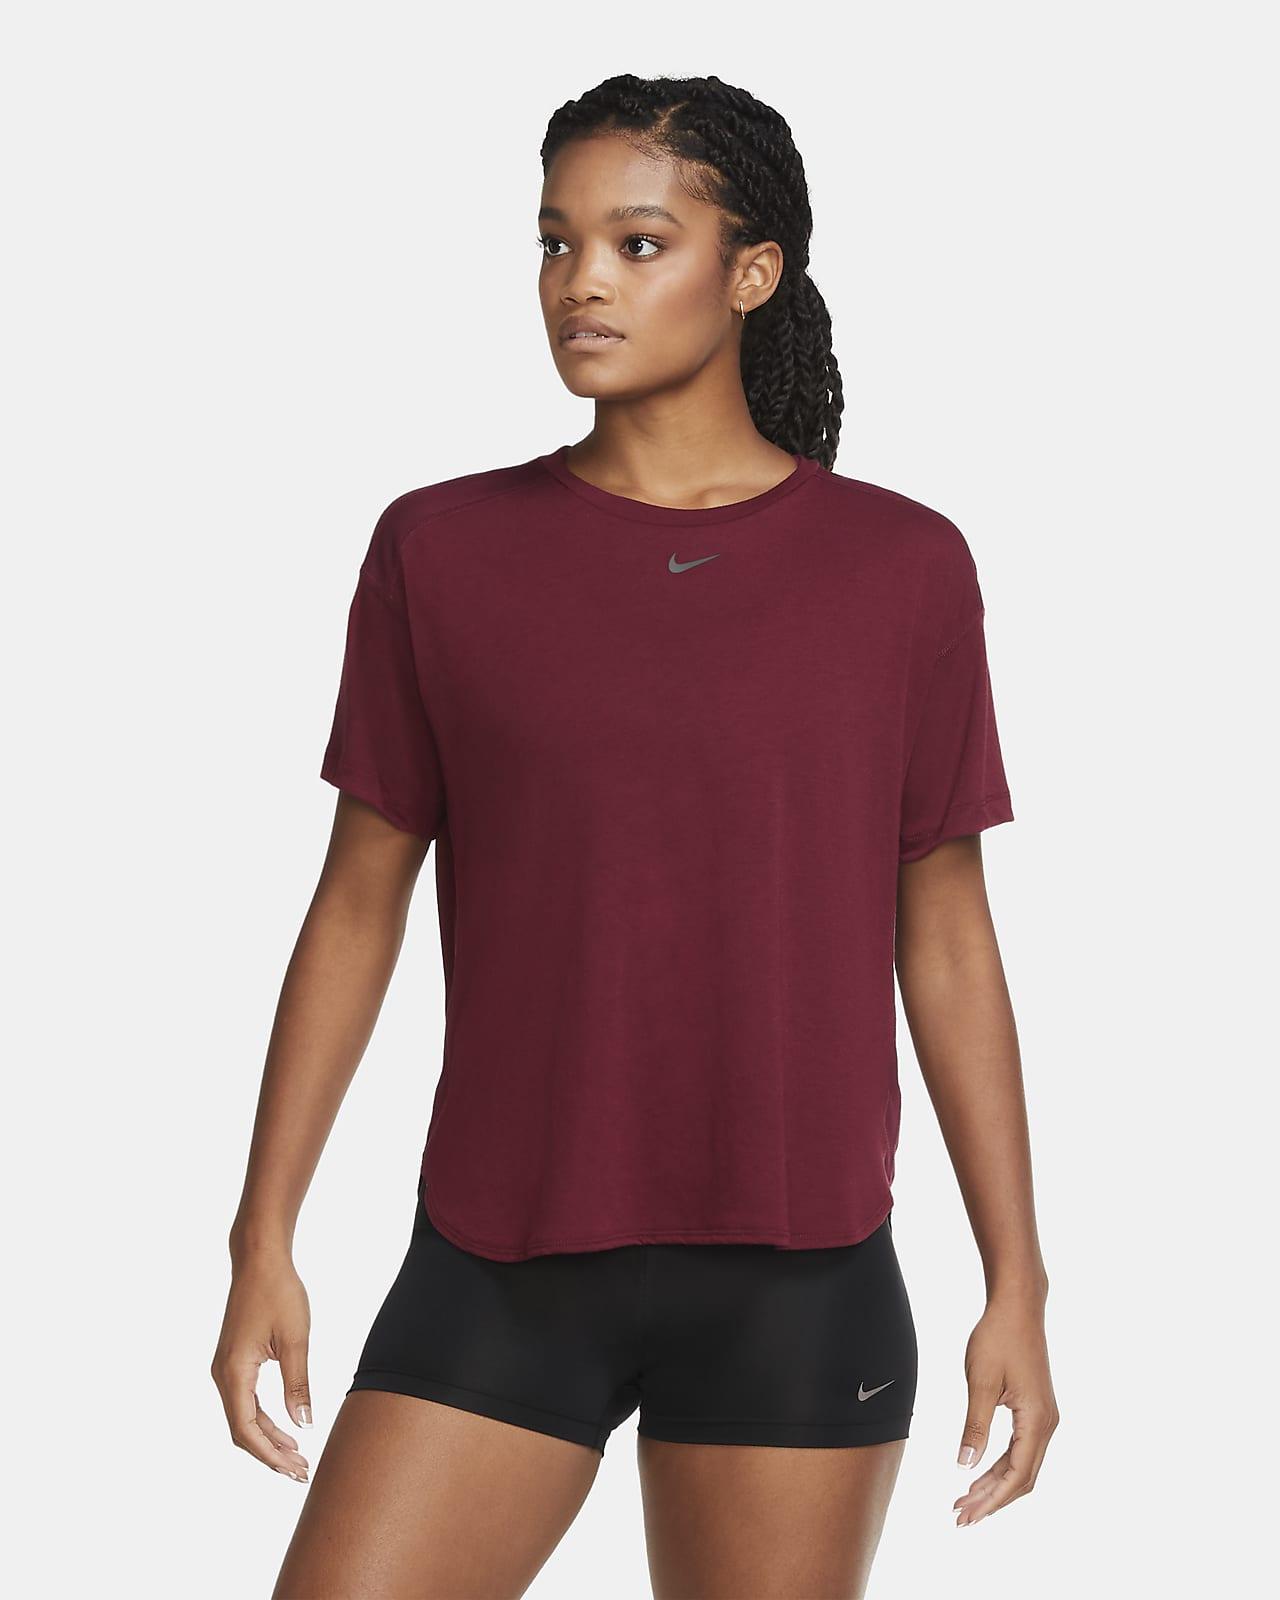 Γυναικεία κοντομάνικη μπλούζα Nike Pro AeroAdapt